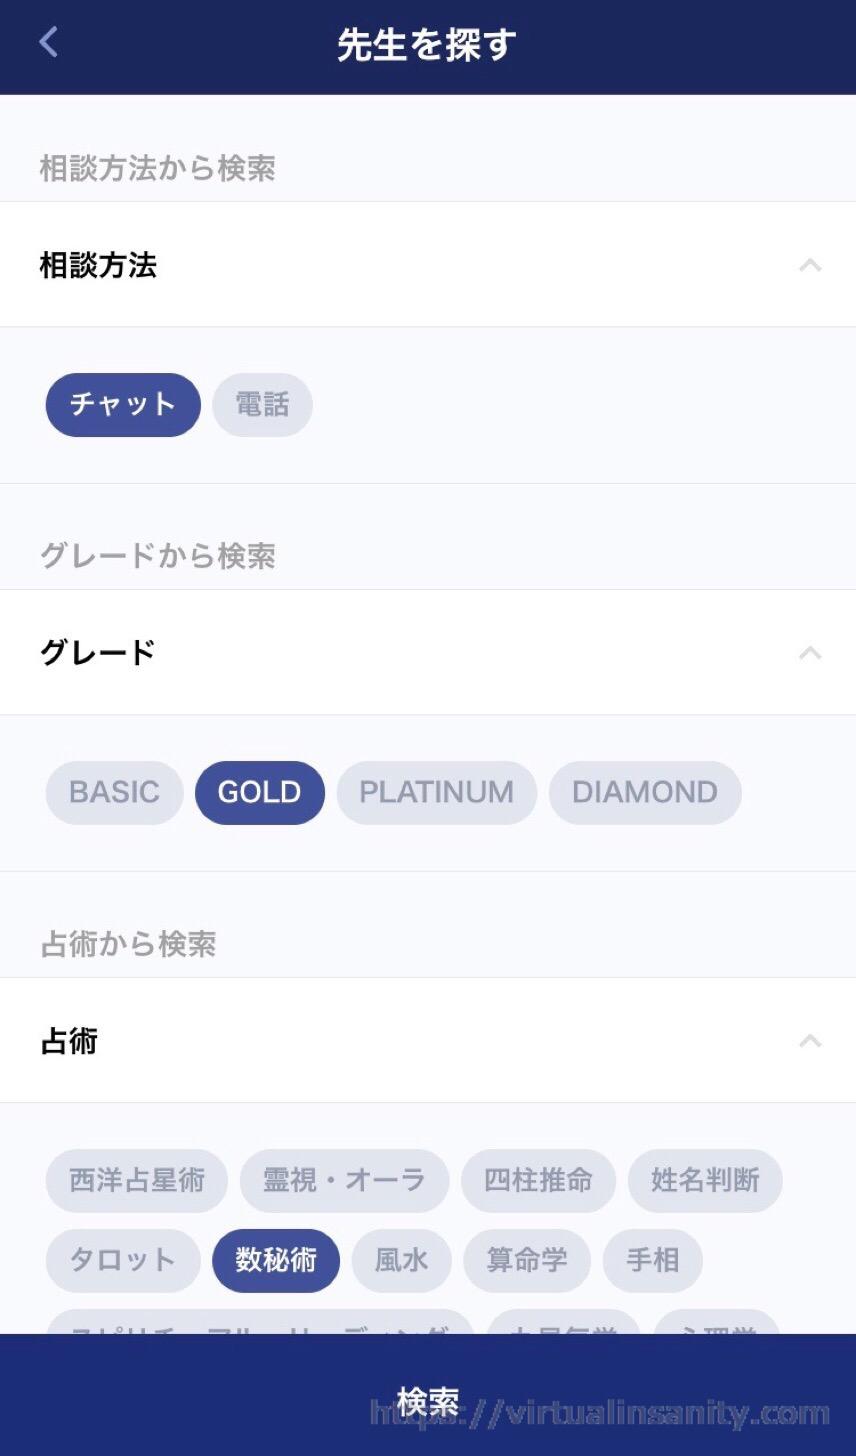 星乃先生の検索方法